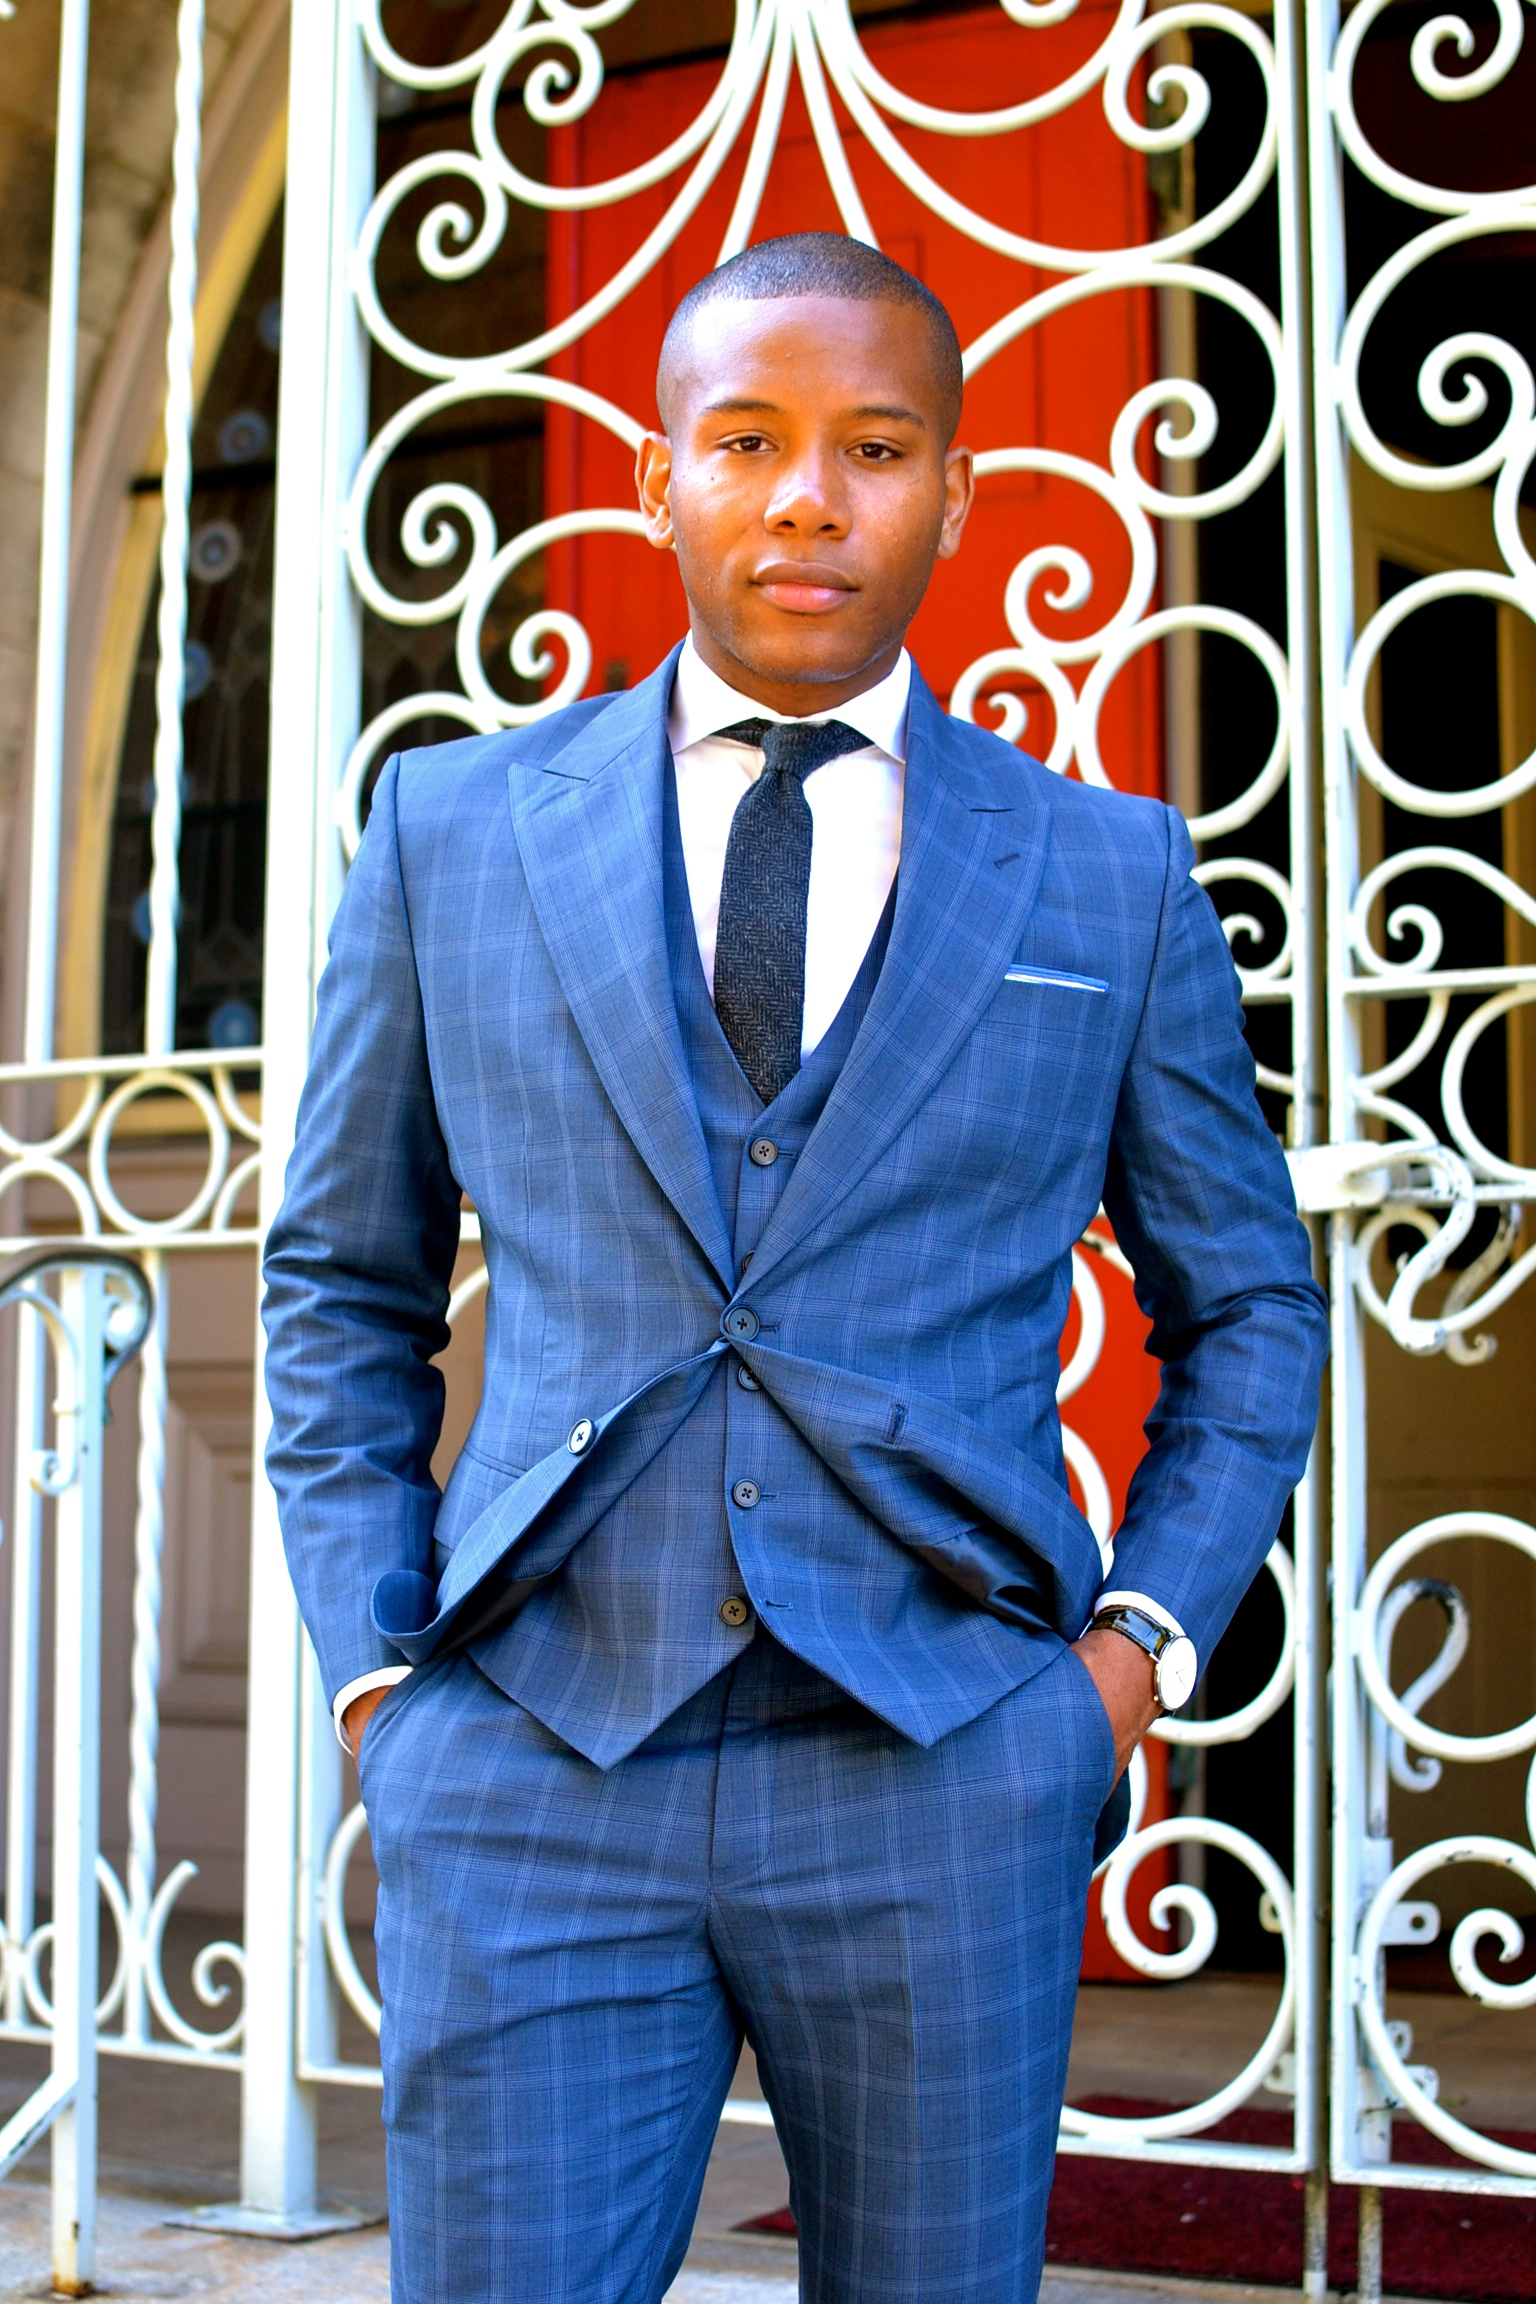 StudioSuits Custom Suit Blue Check Napolean Collection